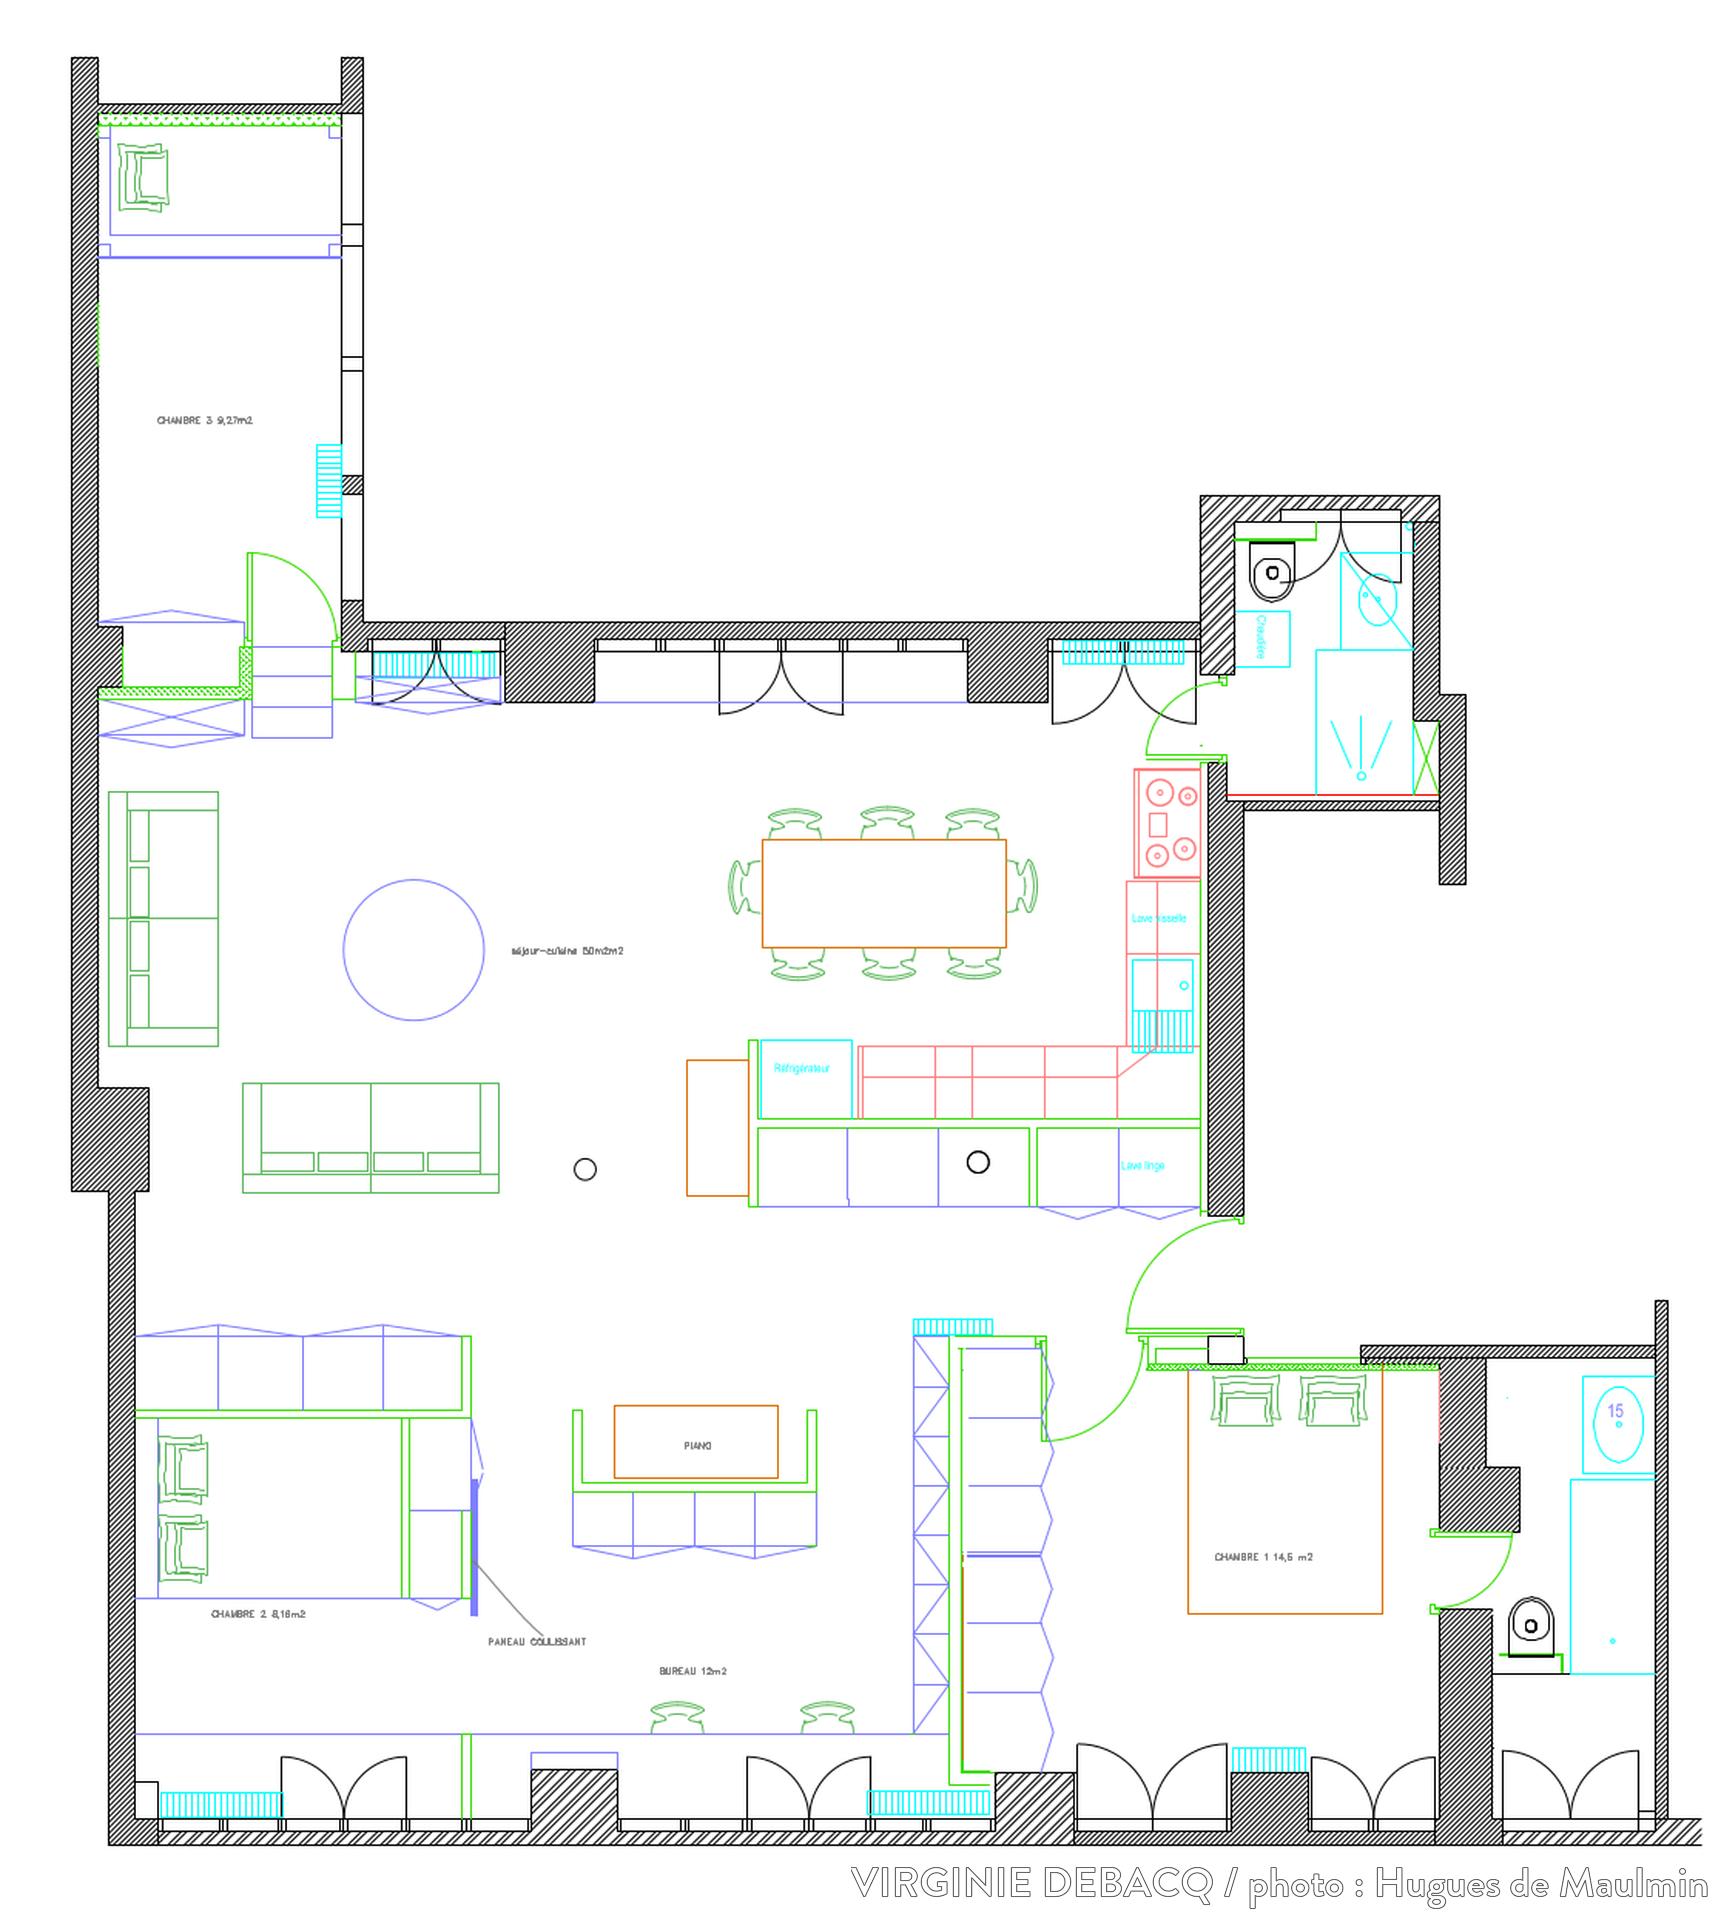 plan d 39 un appartement de 110m2 lofts pinterest. Black Bedroom Furniture Sets. Home Design Ideas